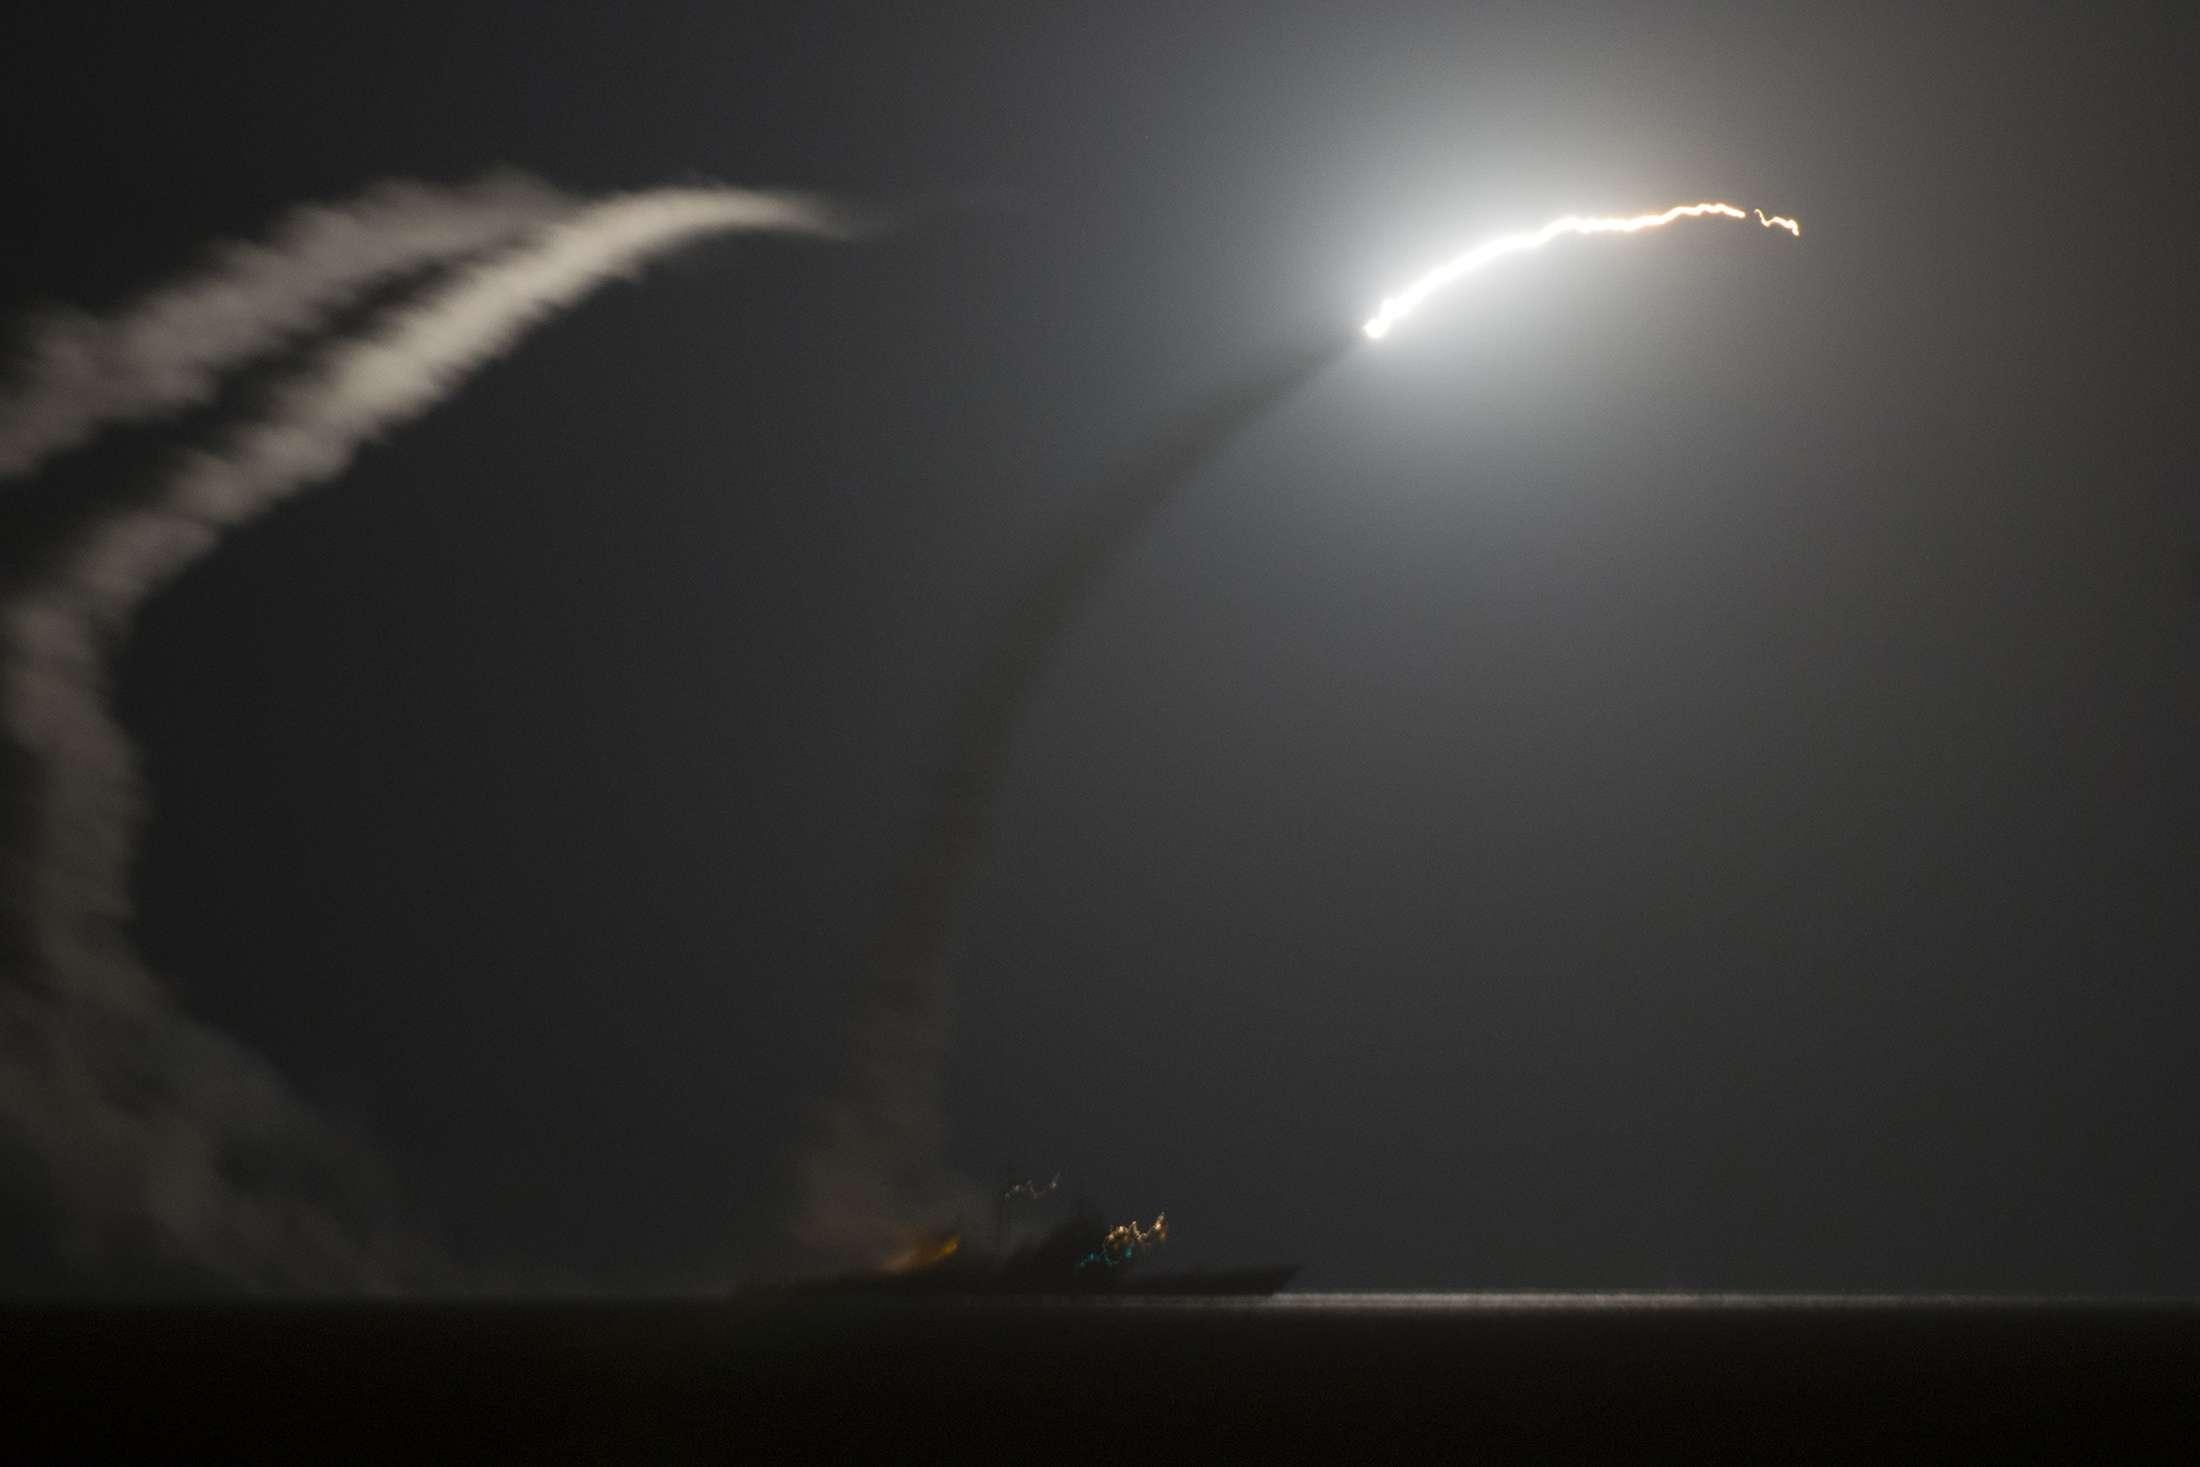 O balanço das mortes inclui 70 combatentes do grupo Estado Islâmico e 50 membros de grupos afiliados à Al-Qaeda Foto: Mass Communication Specialist 1st Class Eric Garst/Reuters